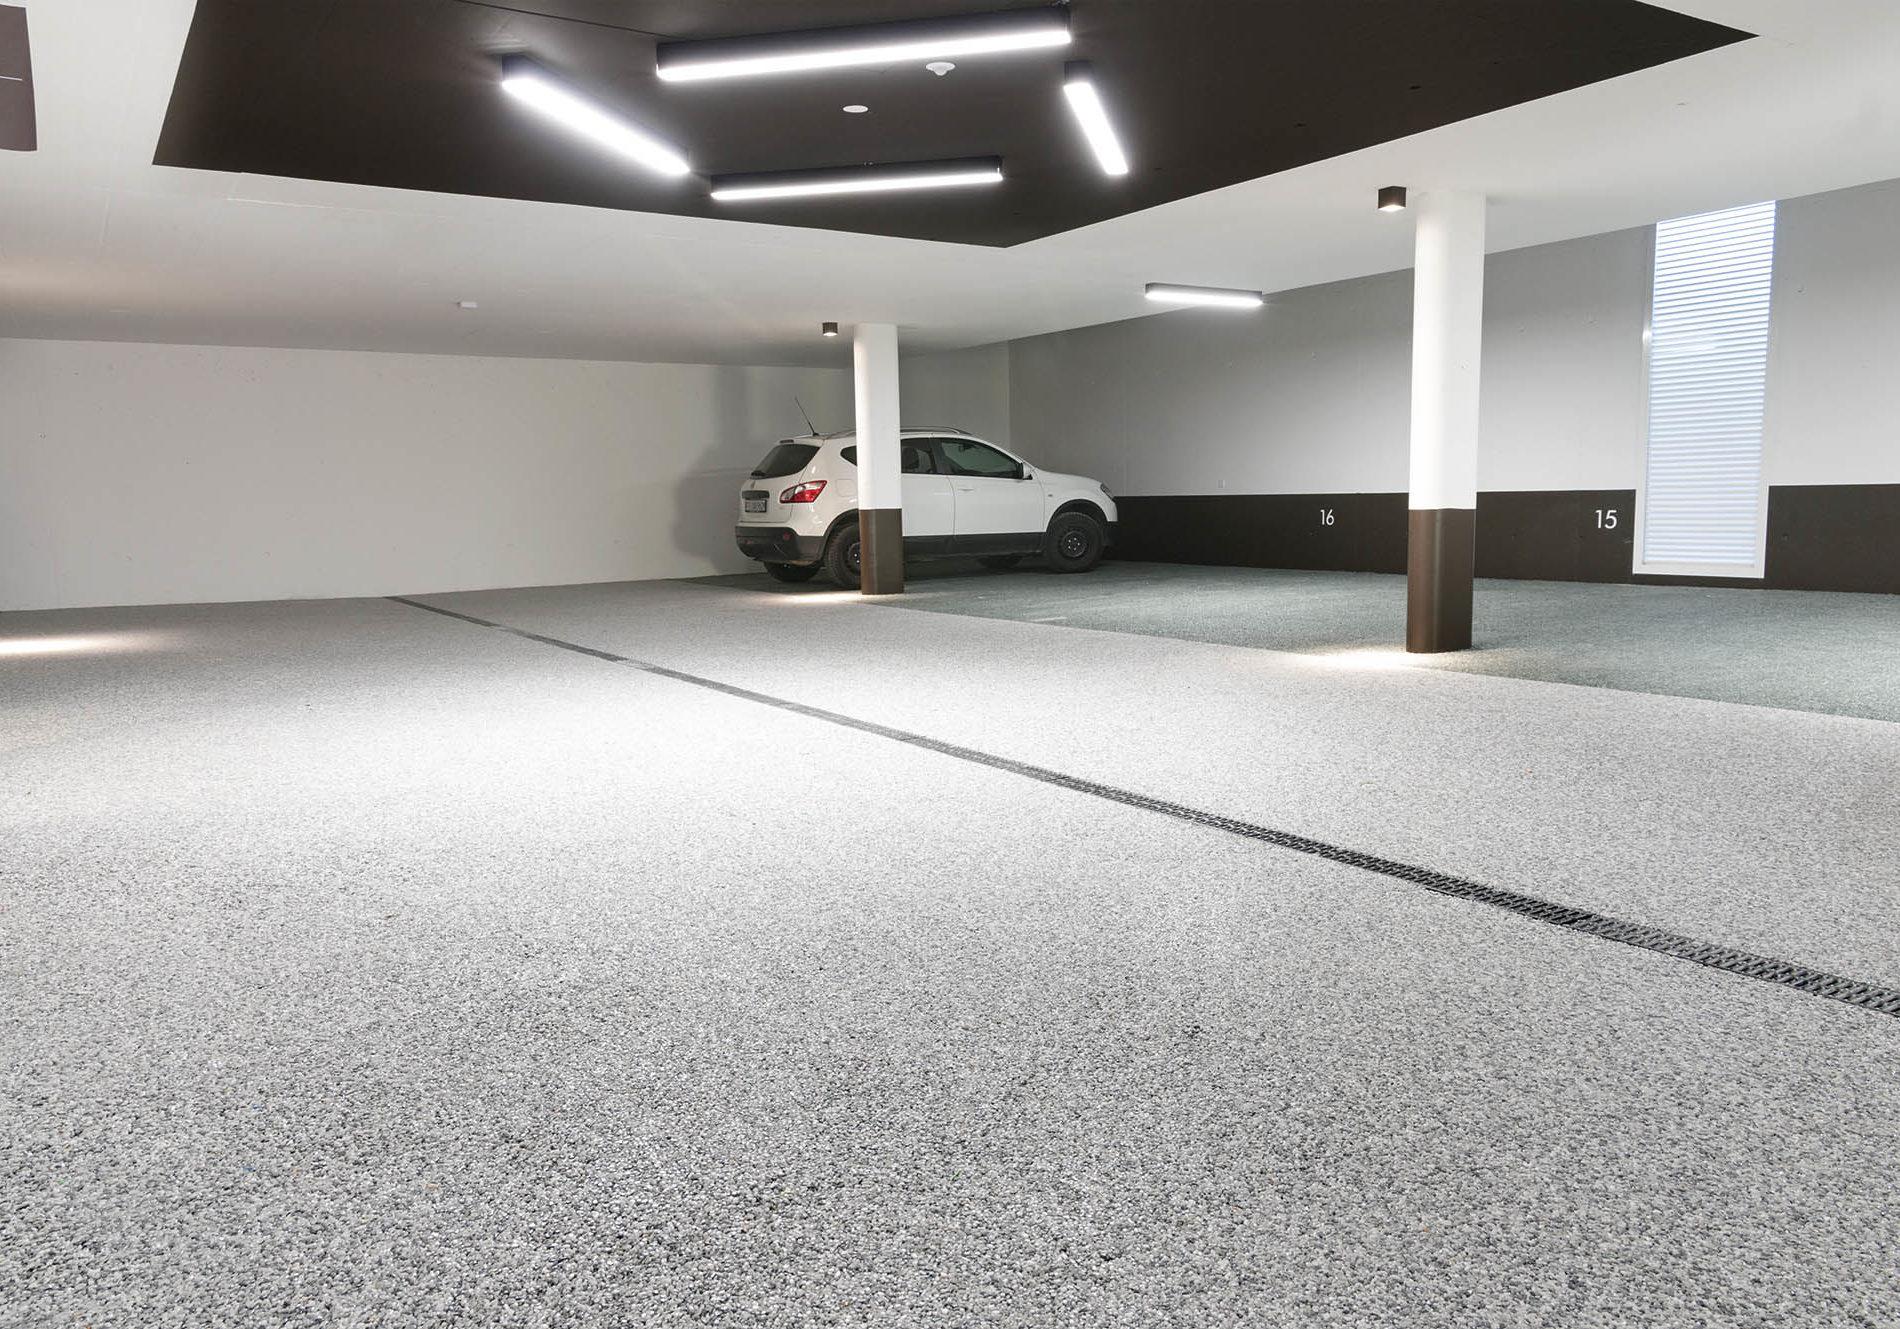 parcheggio-svizzera_00010